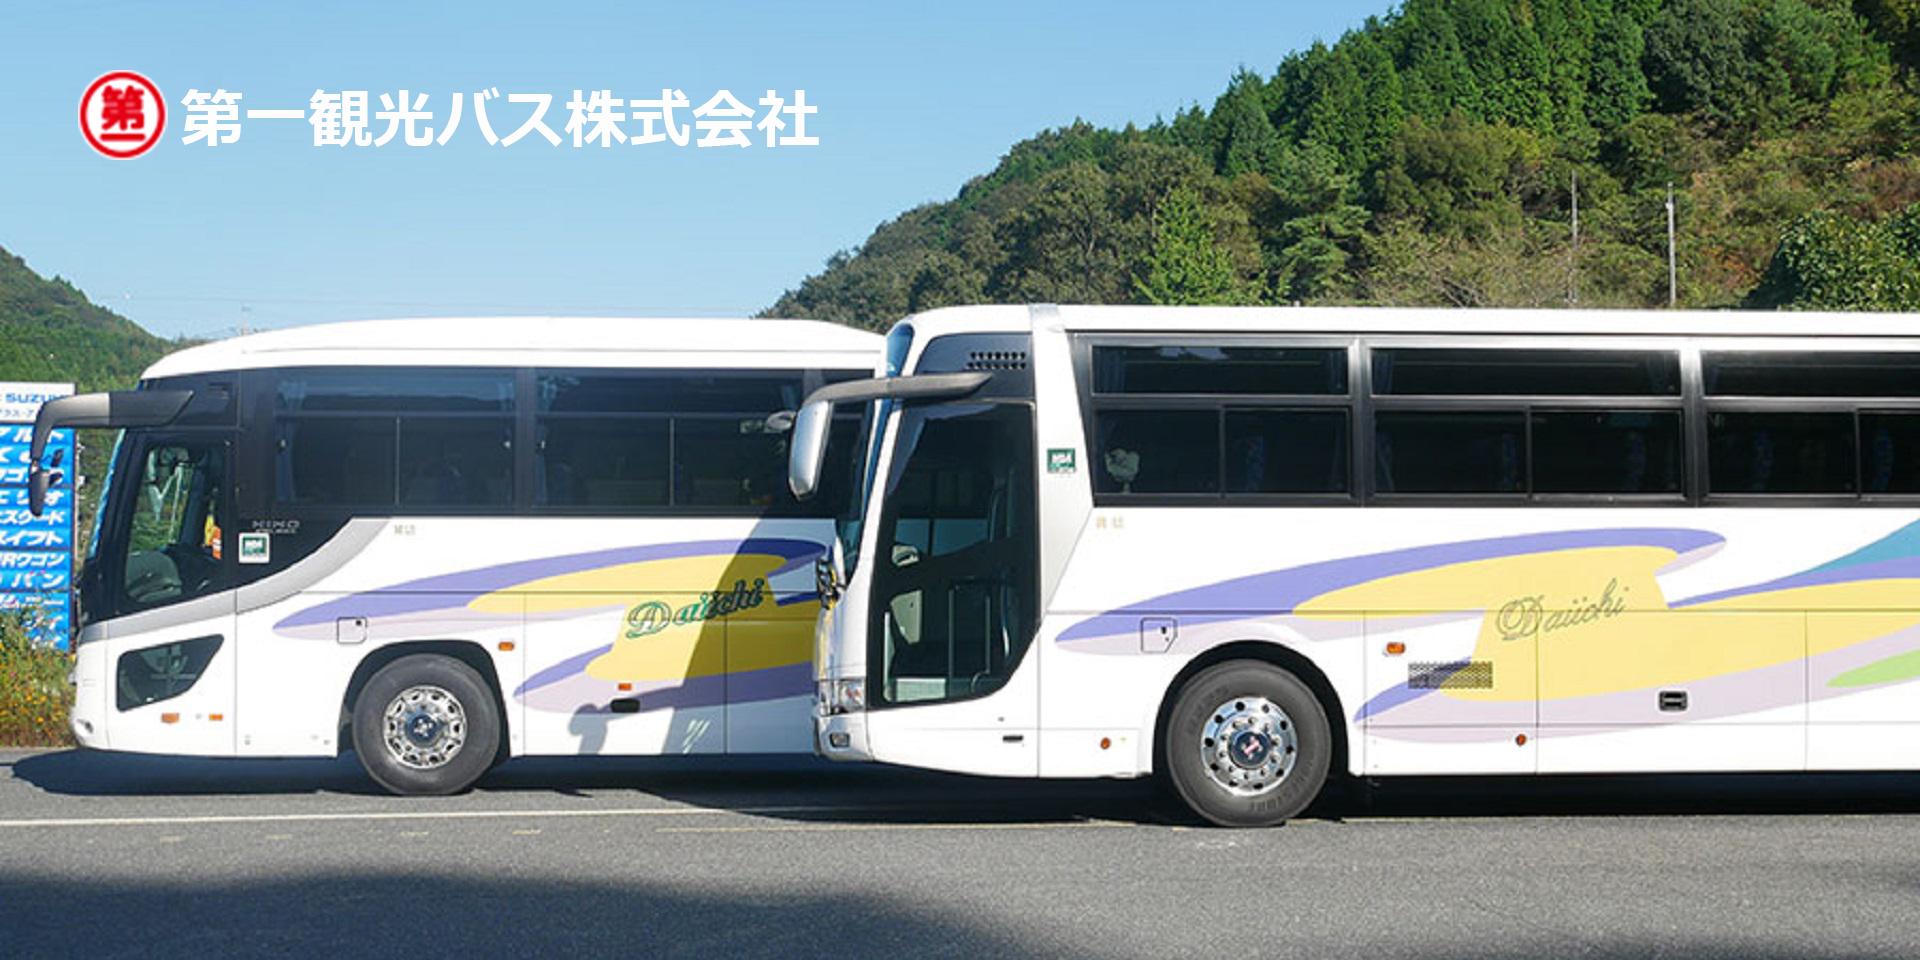 画像:第一観光バス株式会社 山口営業所